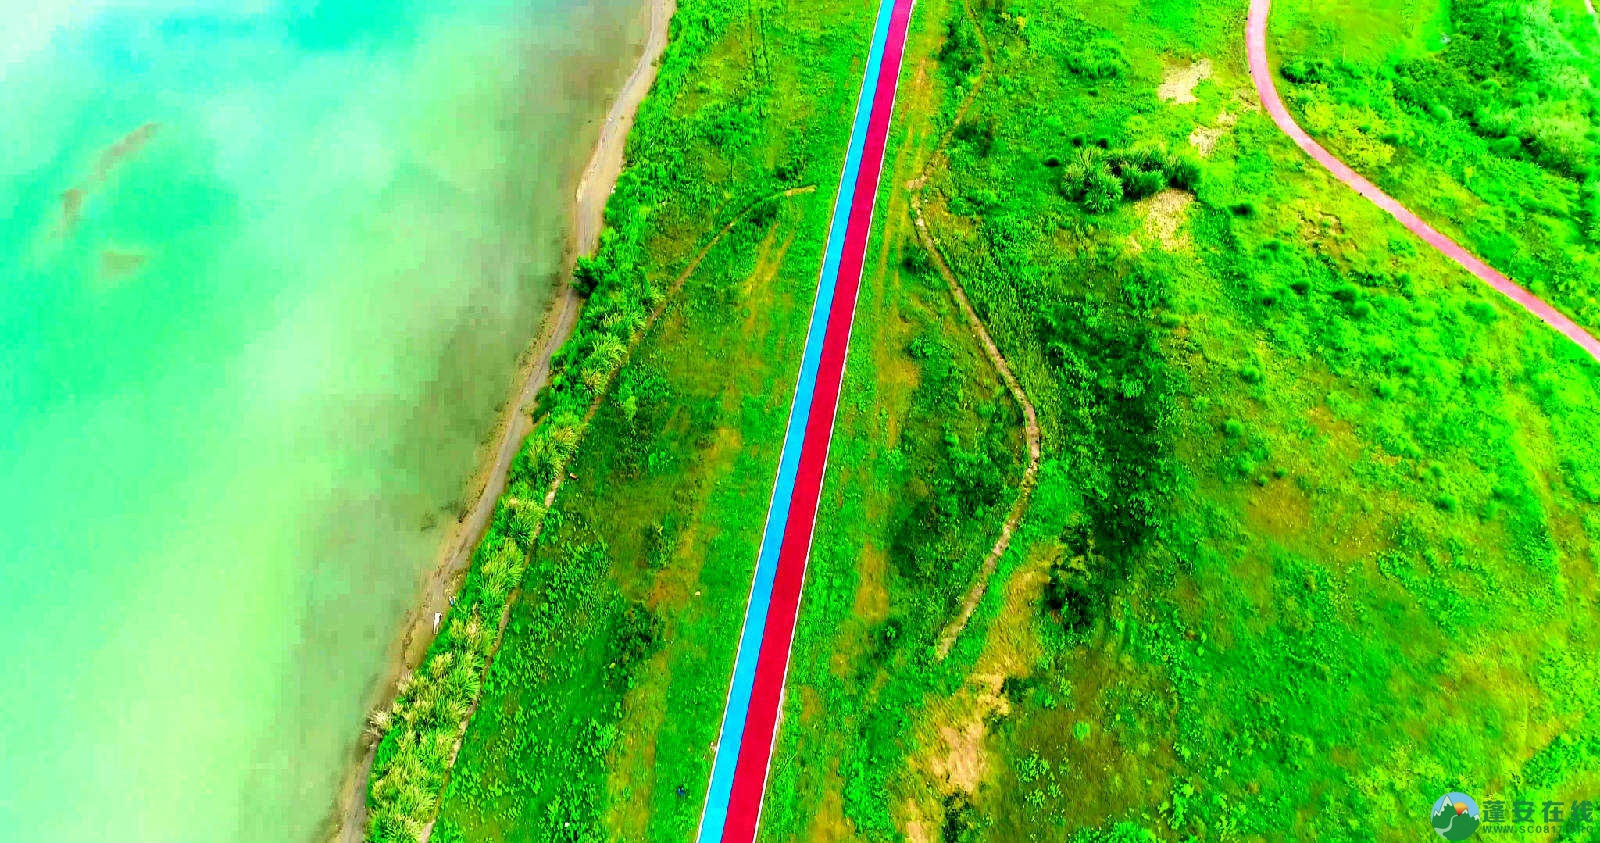 蓬安锦屏湿地公园双色跑道 - 第3张  | 蓬安在线